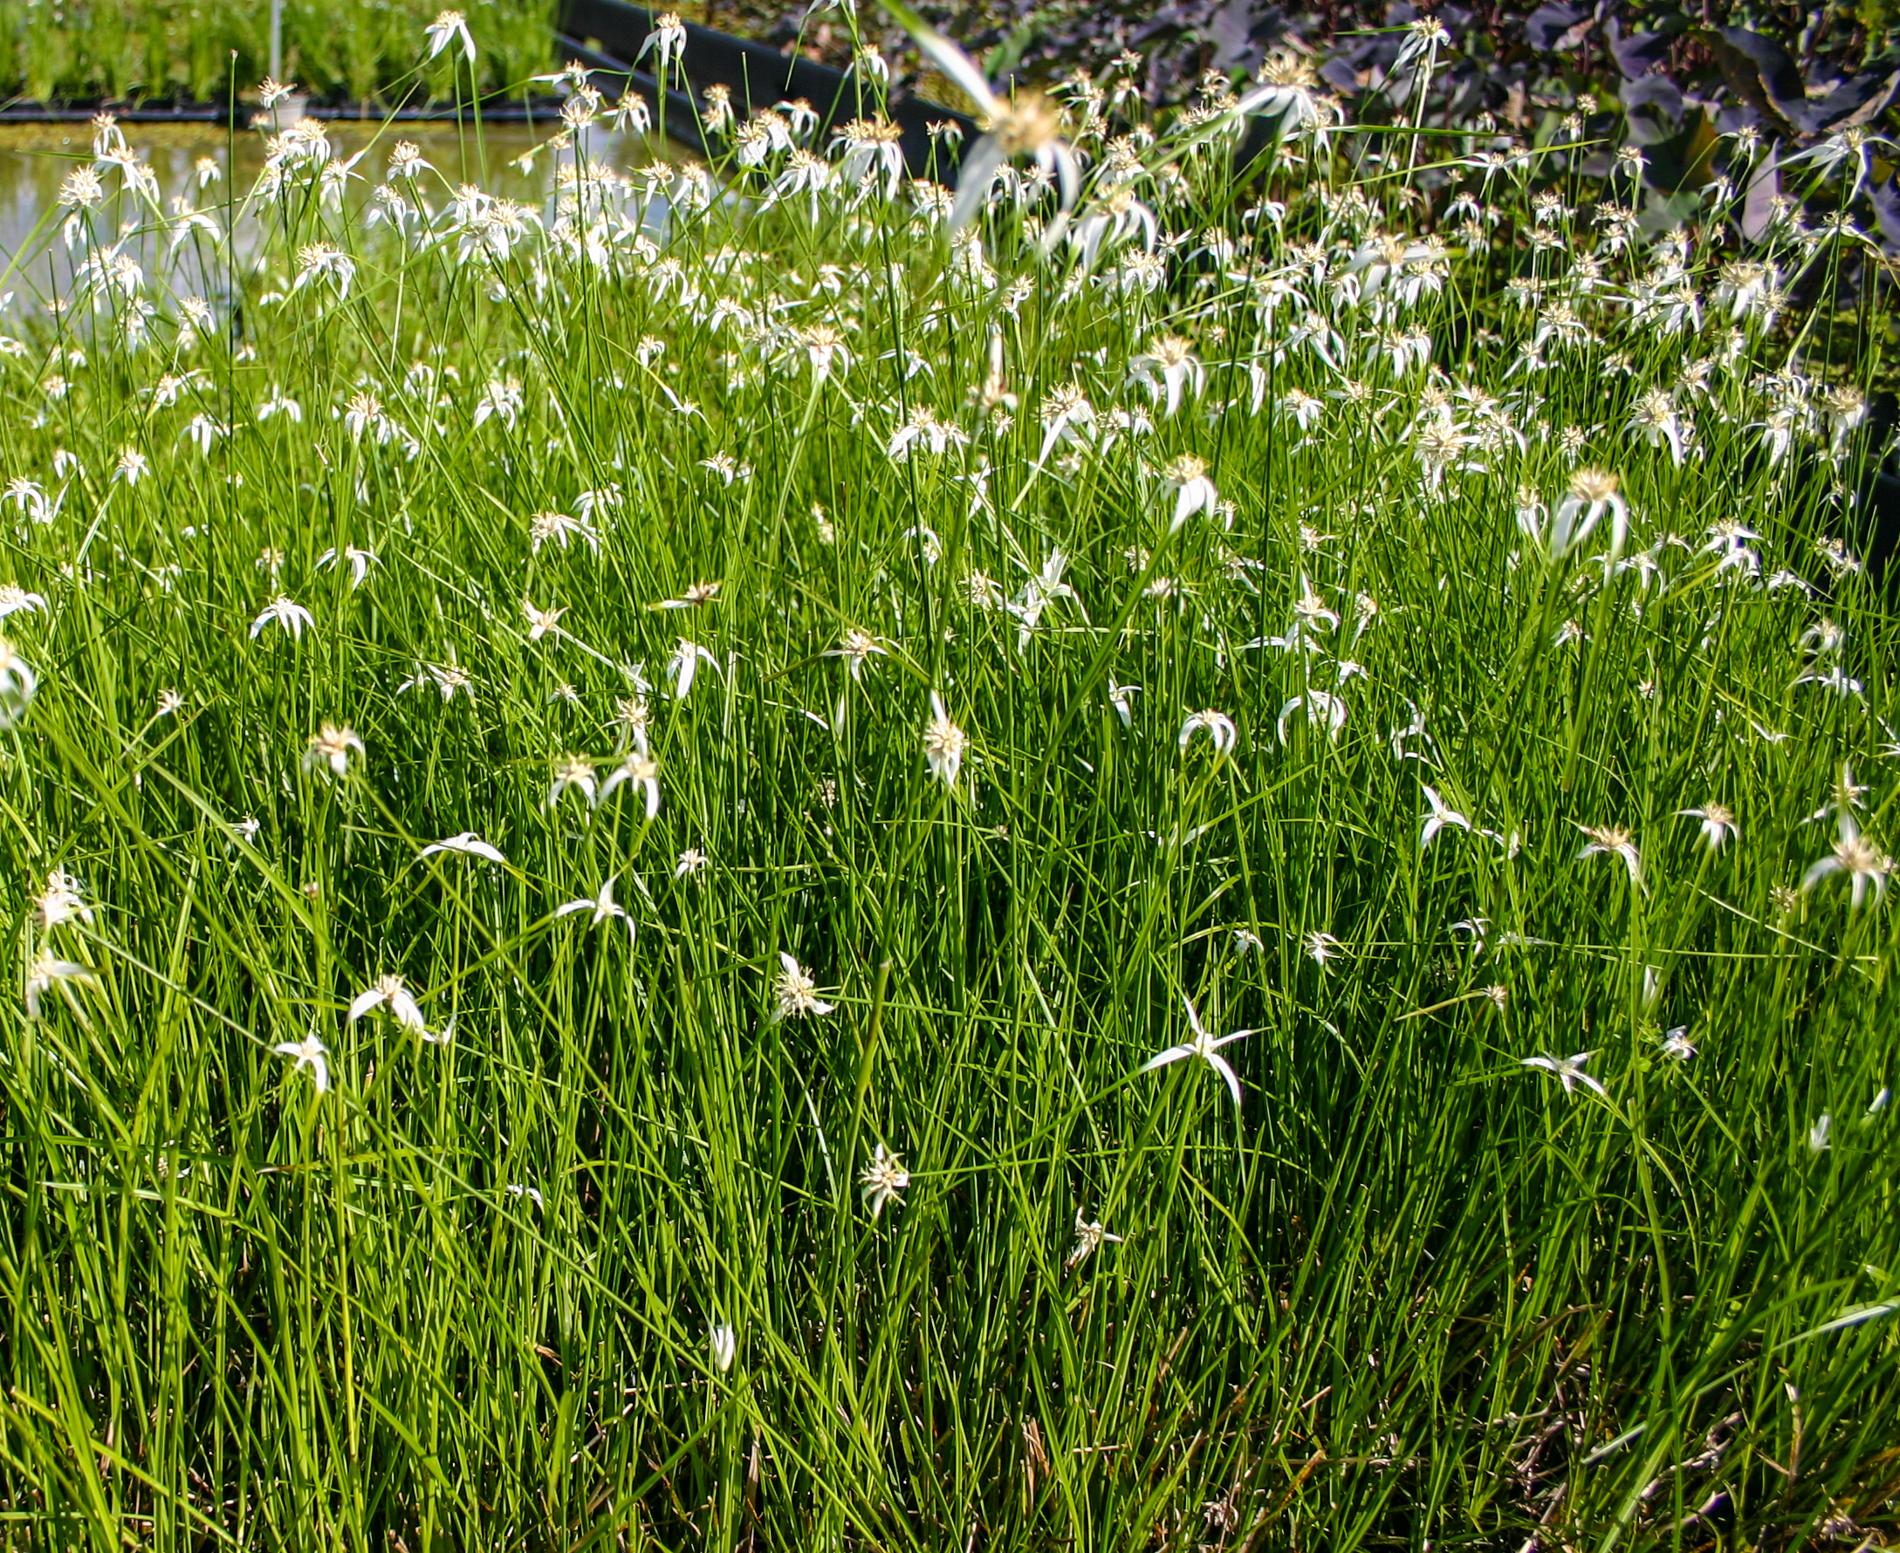 Stargrass (1 of 1).jpg